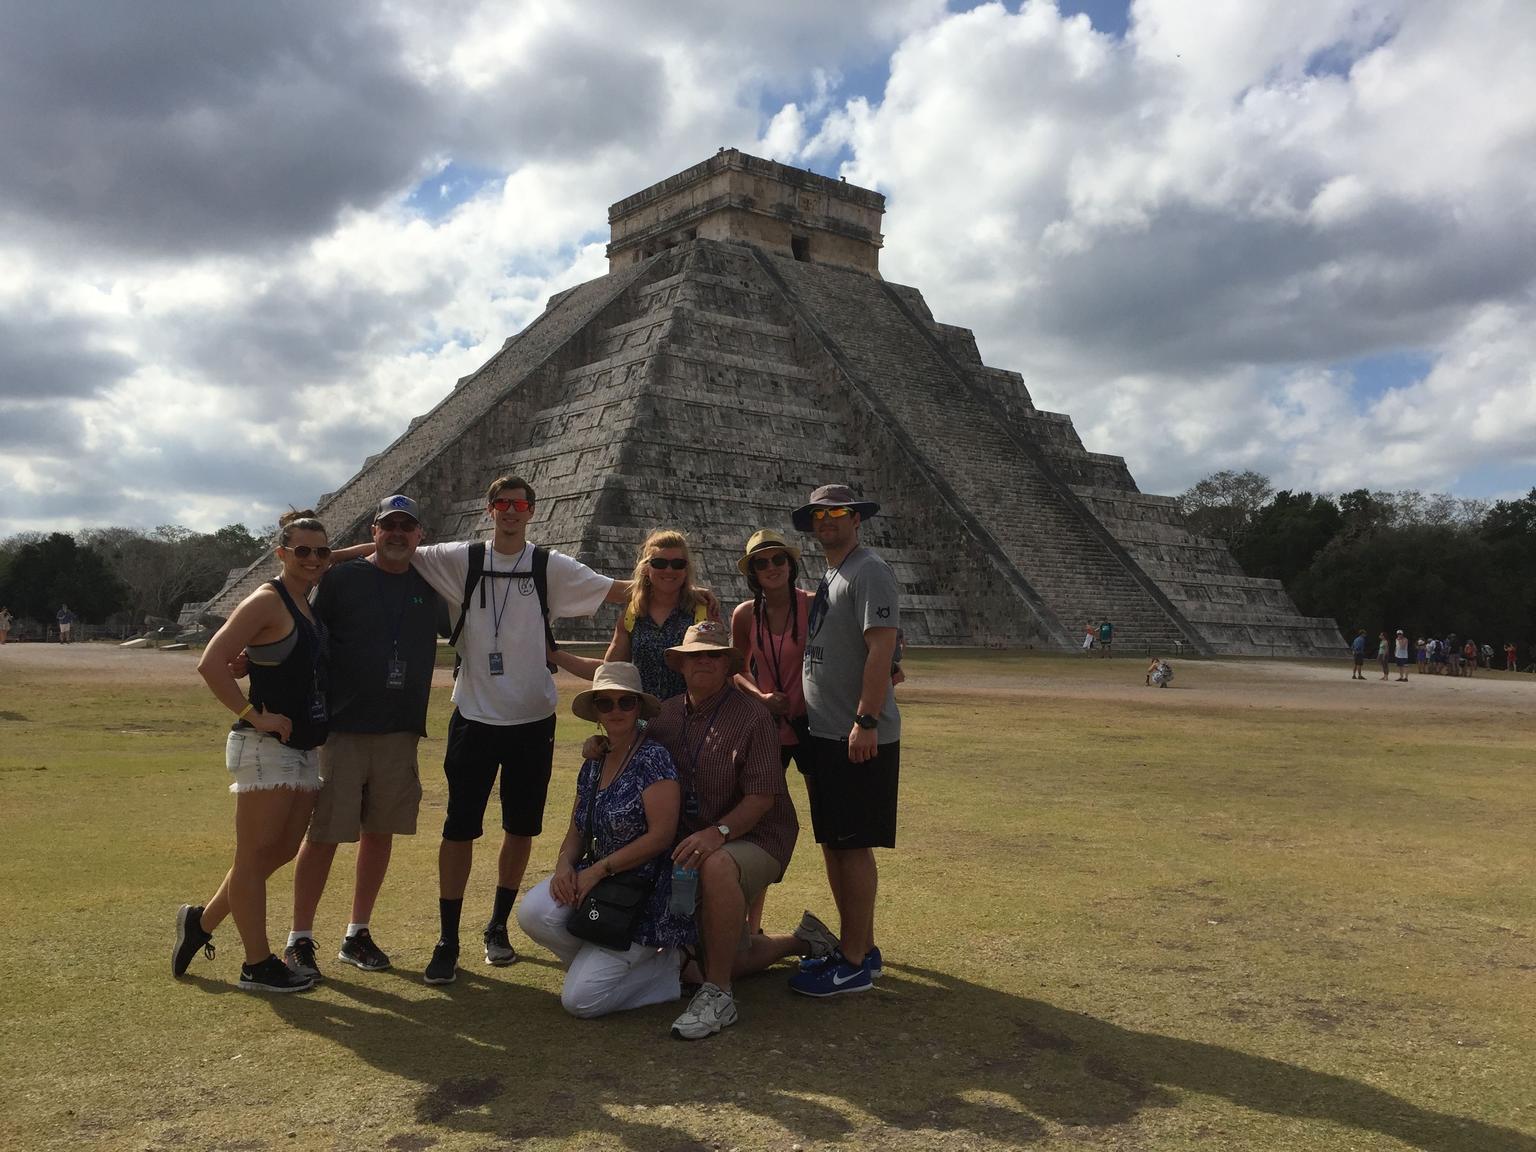 MAIS FOTOS, Exclusivo da Viator: Acesso antecipado a Chichén Itzá com um arqueólogo particular